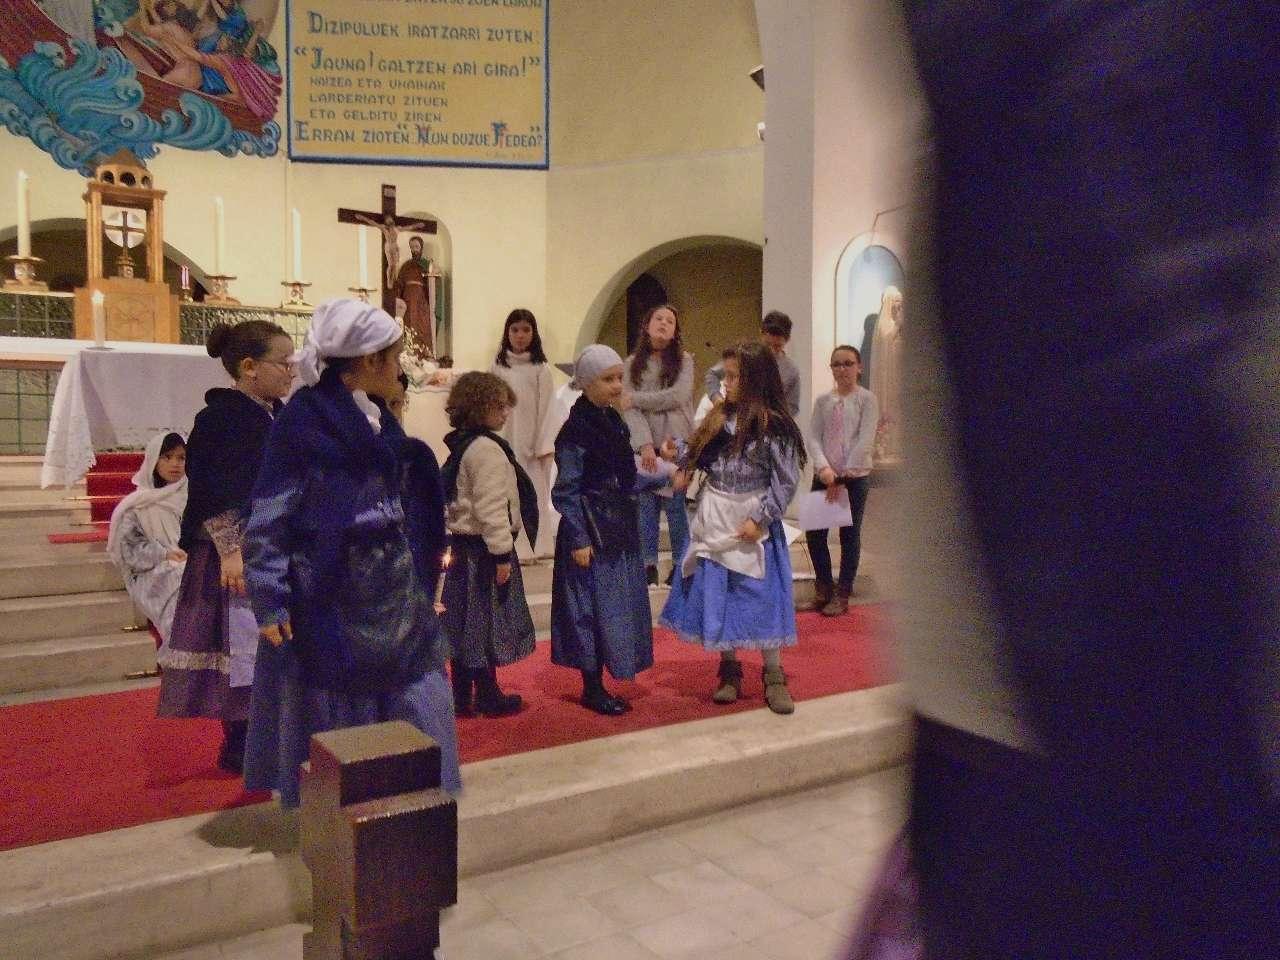 Après avoir rendu hommage au petit Enfant Sauveur, les bergers partent annoncer cette bonne nouvelle en remerciant Dieu pour tout ce qu'ils avaient vu et entendu selon ce qui leur avait été annoncé.